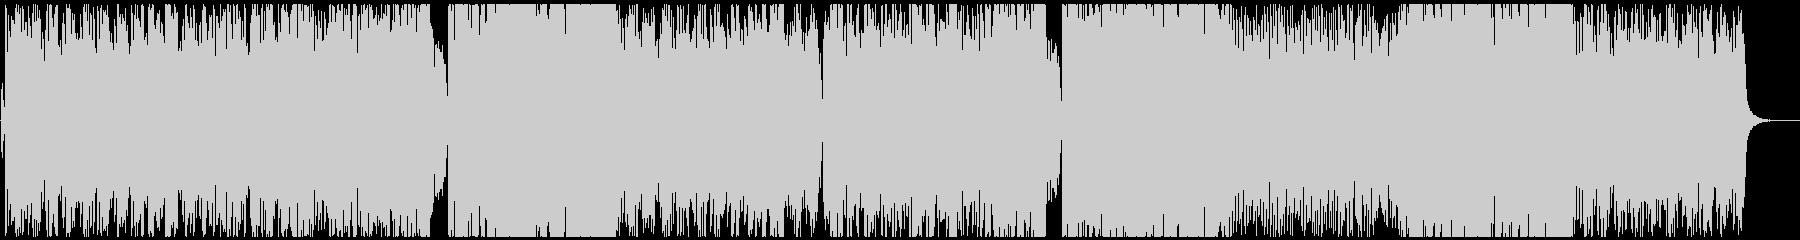 女性ボーカル/少し切ないテクノポップの未再生の波形